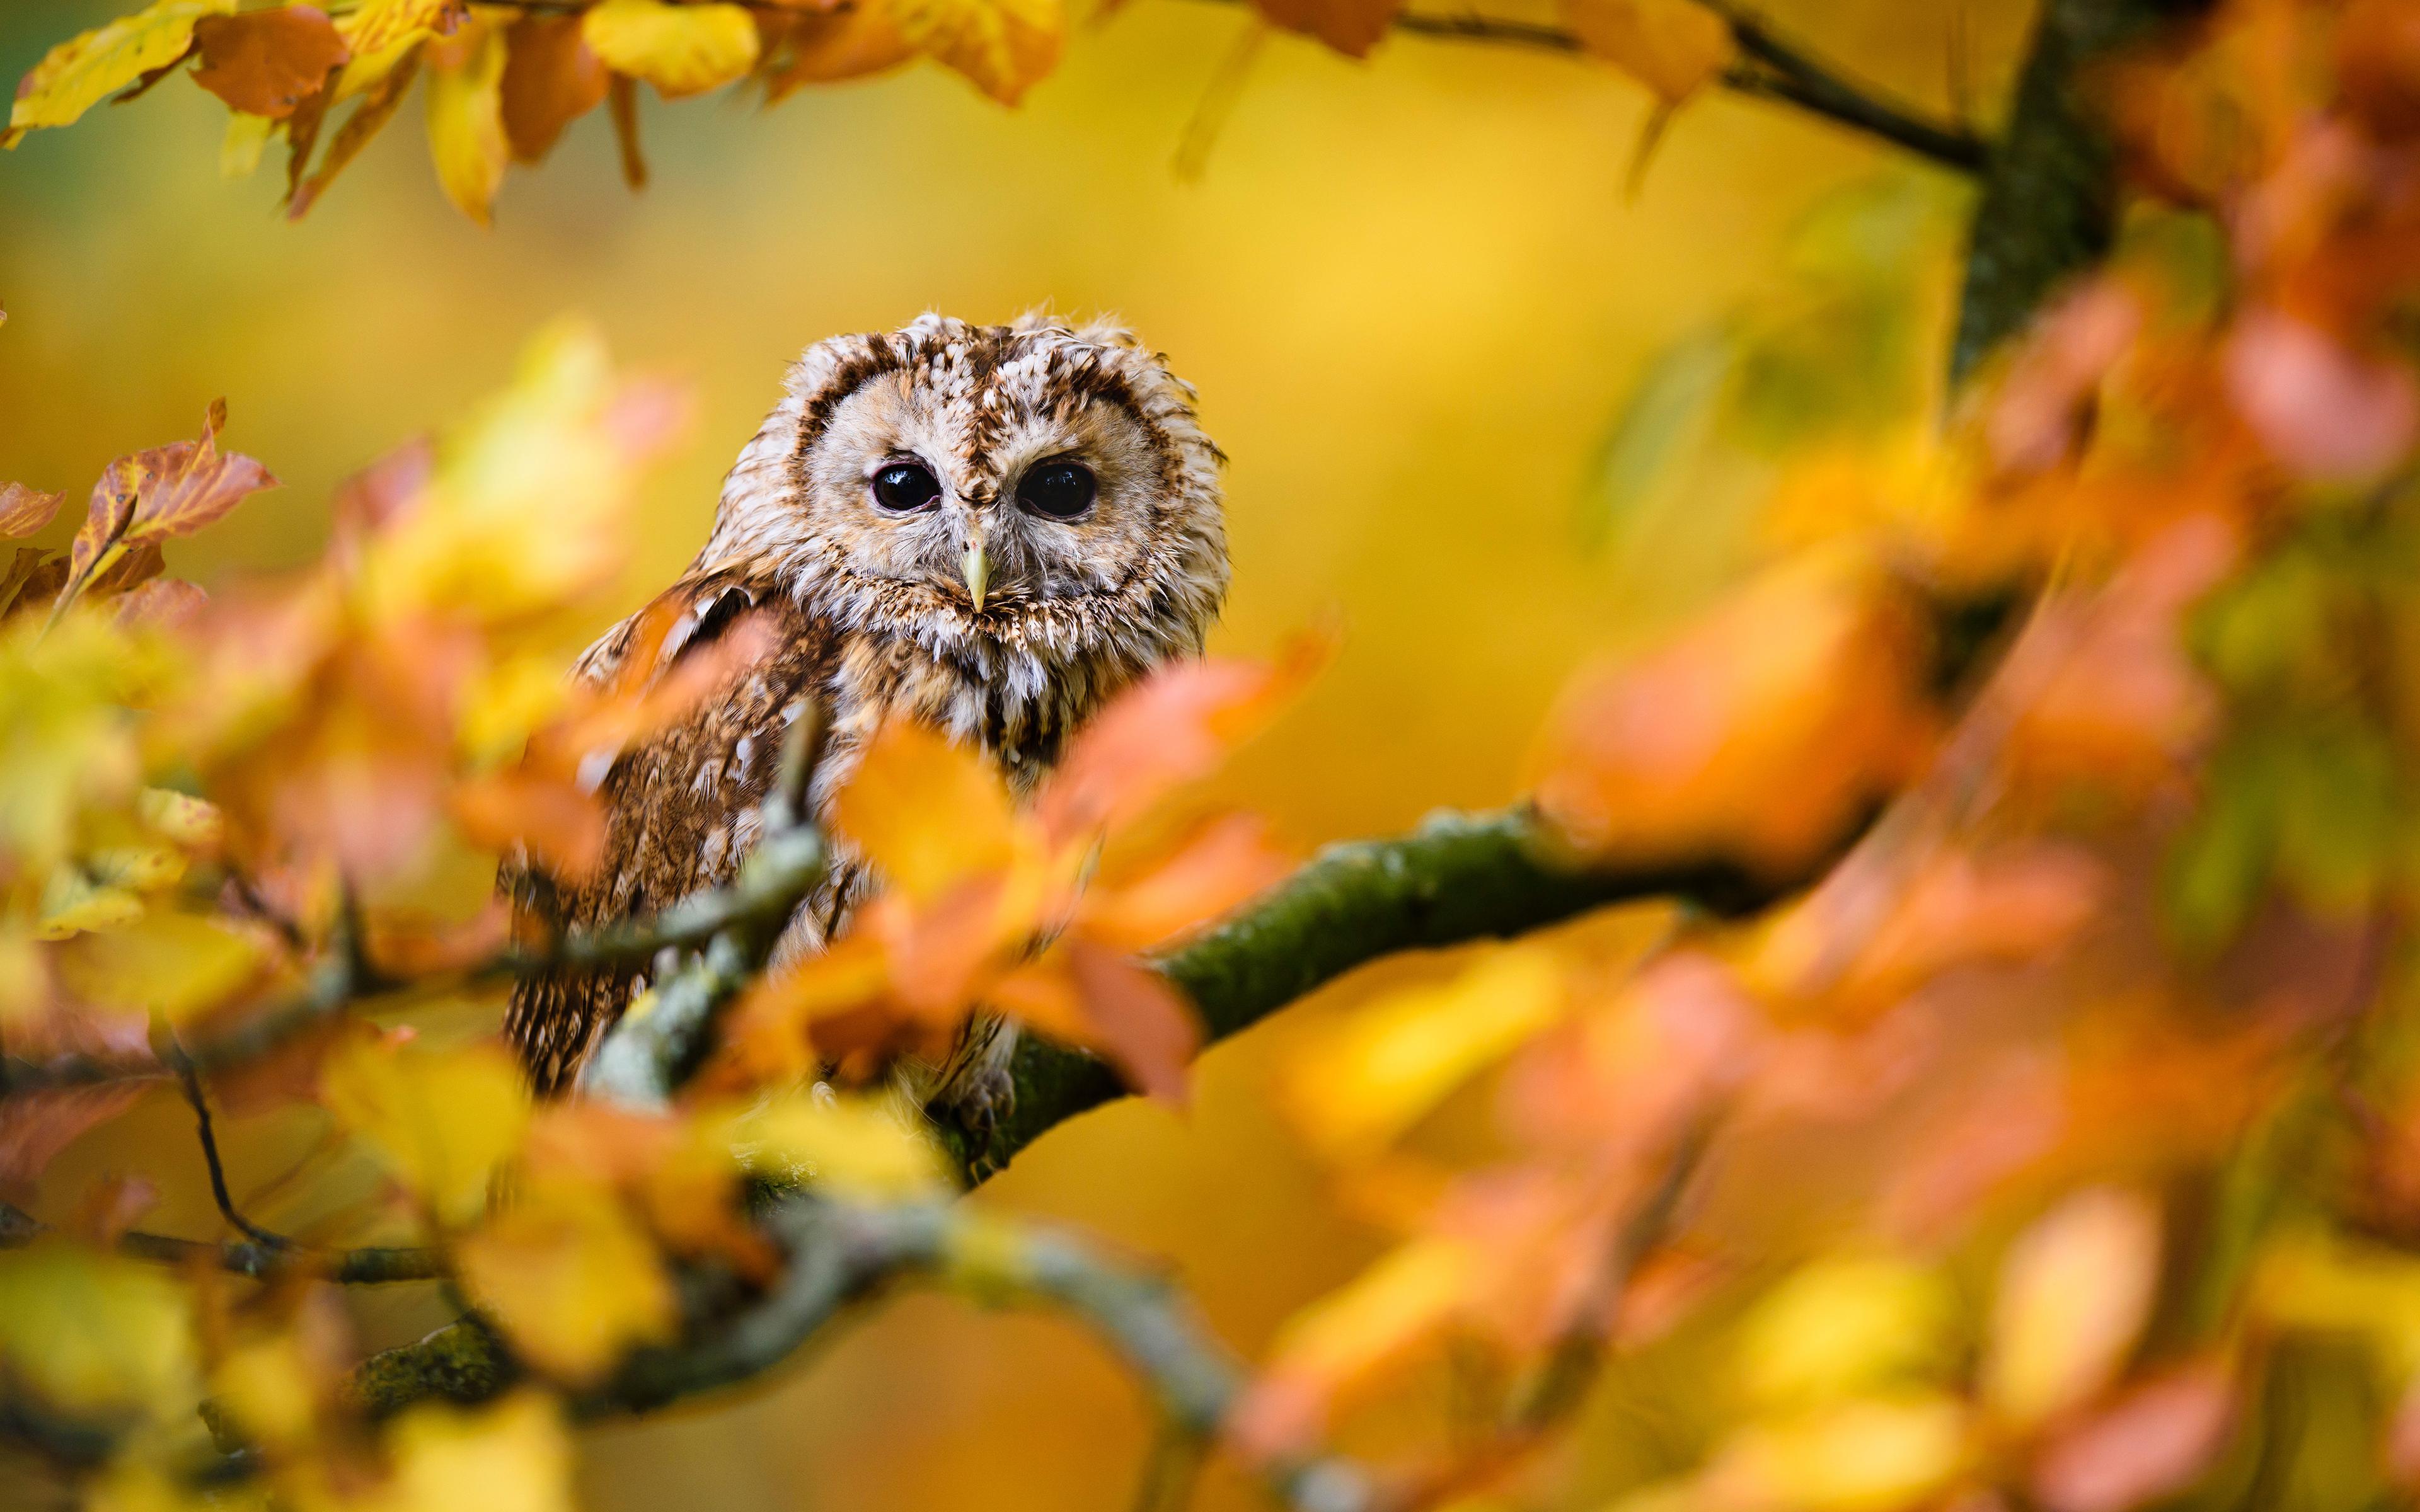 осенние картинки с совами что вам